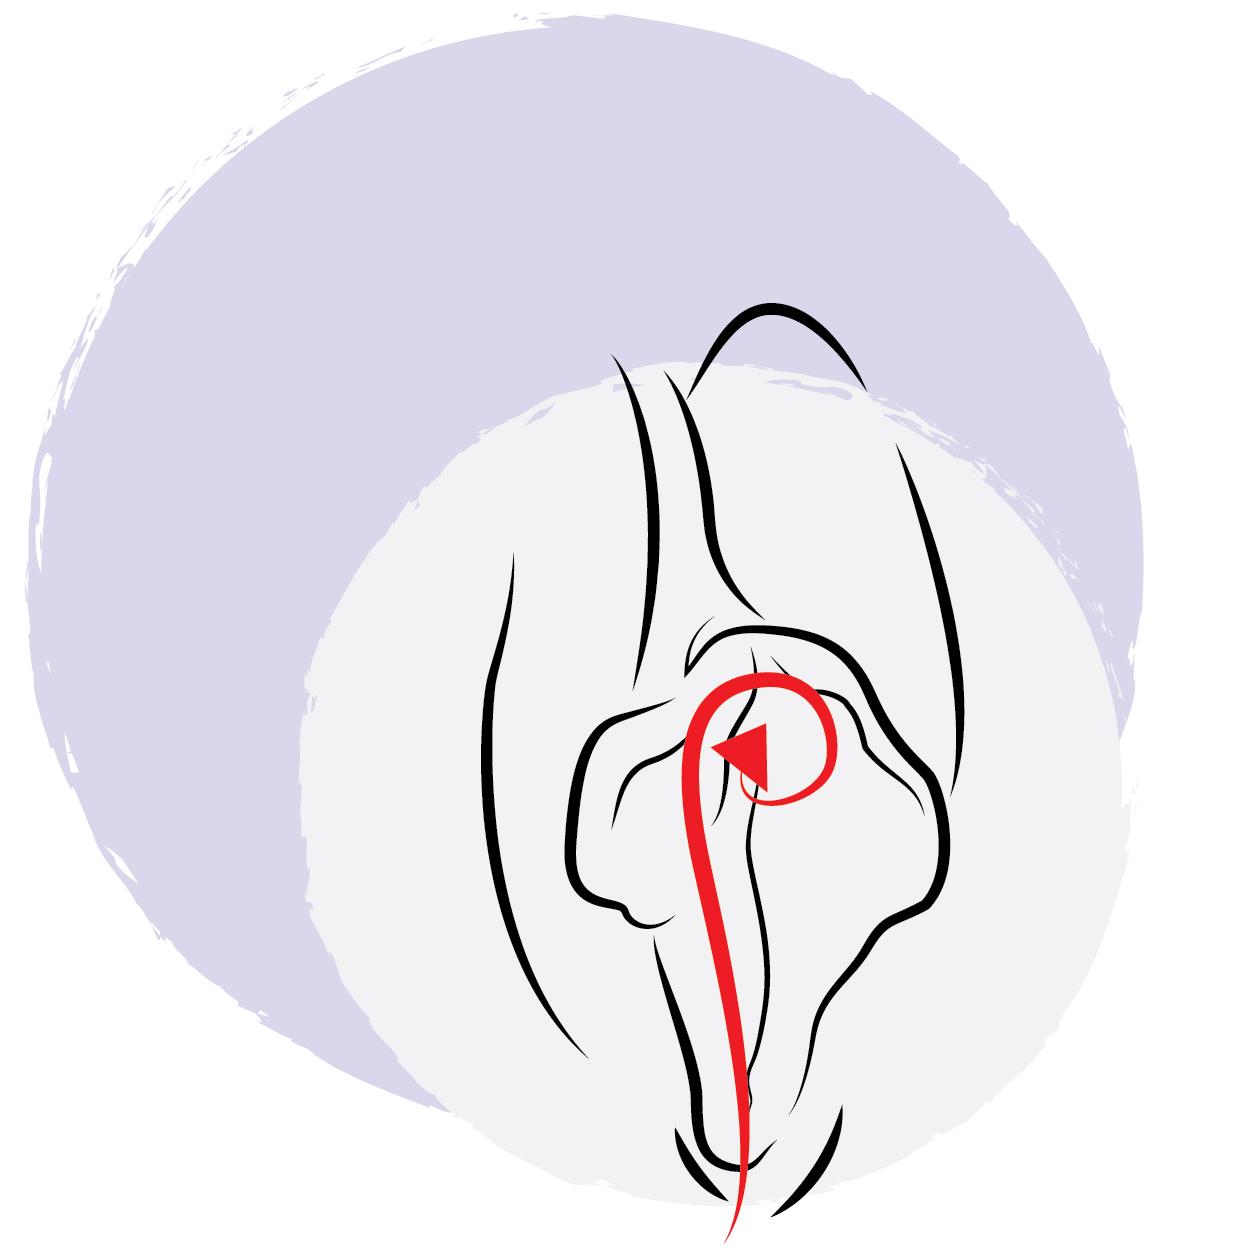 Lickjob Technik - die Klitoris beim Oralsex stimulieren